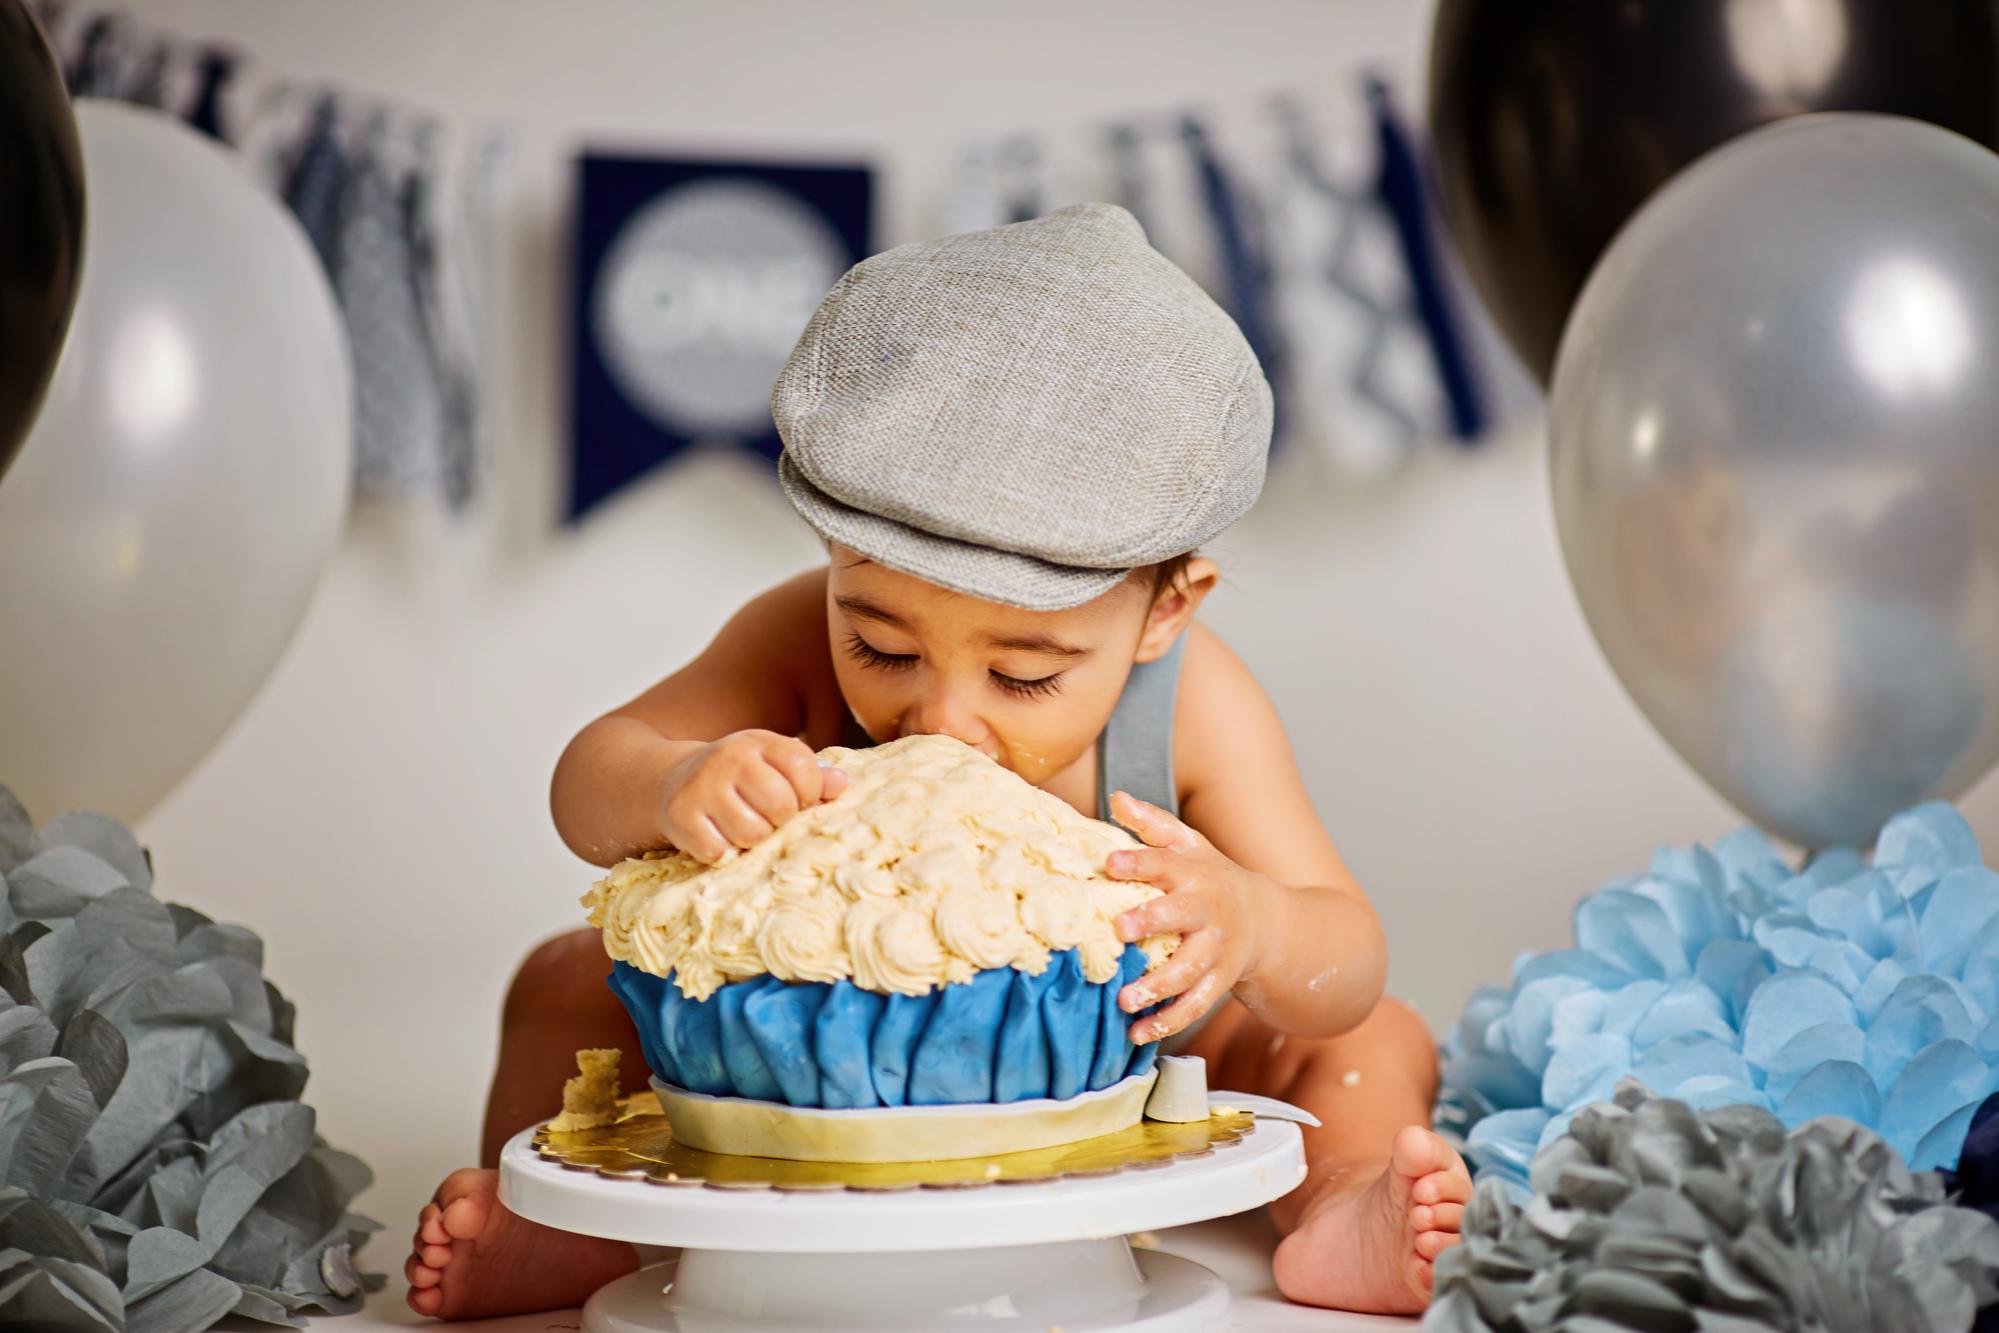 newborn fotoshoot, kinder fotoshoot, kids fotoshoot, puber fotoschoot viwa fotografie